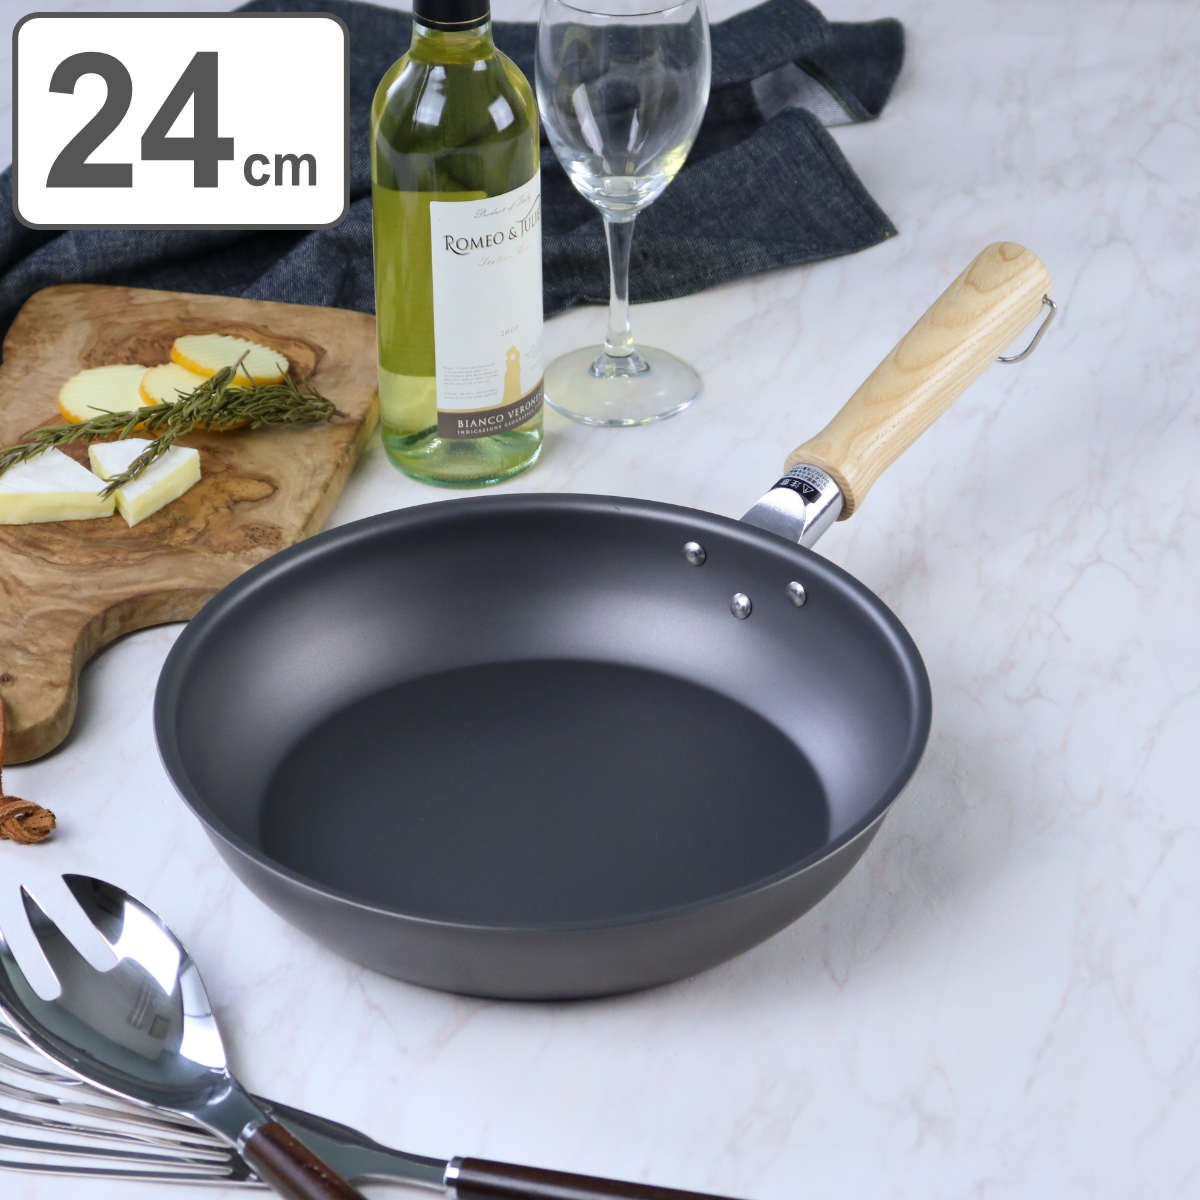 フライパン 鉄匠(TESSHO) フライパン 24cm IH対応 ユミック UMIC ( 送料無料 ガス火対応 鉄フライパン 浅型フライパン 24センチ 鉄製フライパン 油ならし不要 空焚き不要 ウルシヤマフライパン オール熱源対応 キッチン用品 )